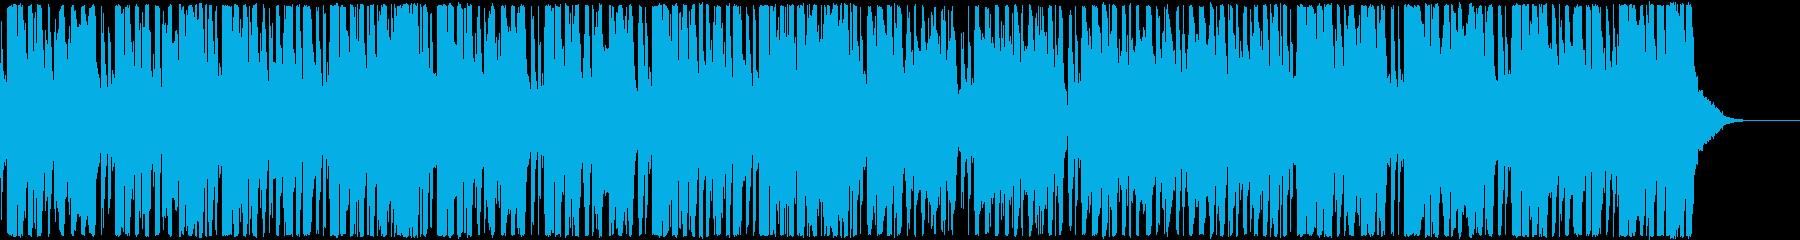 壮大 バンド スイング レトロ お...の再生済みの波形